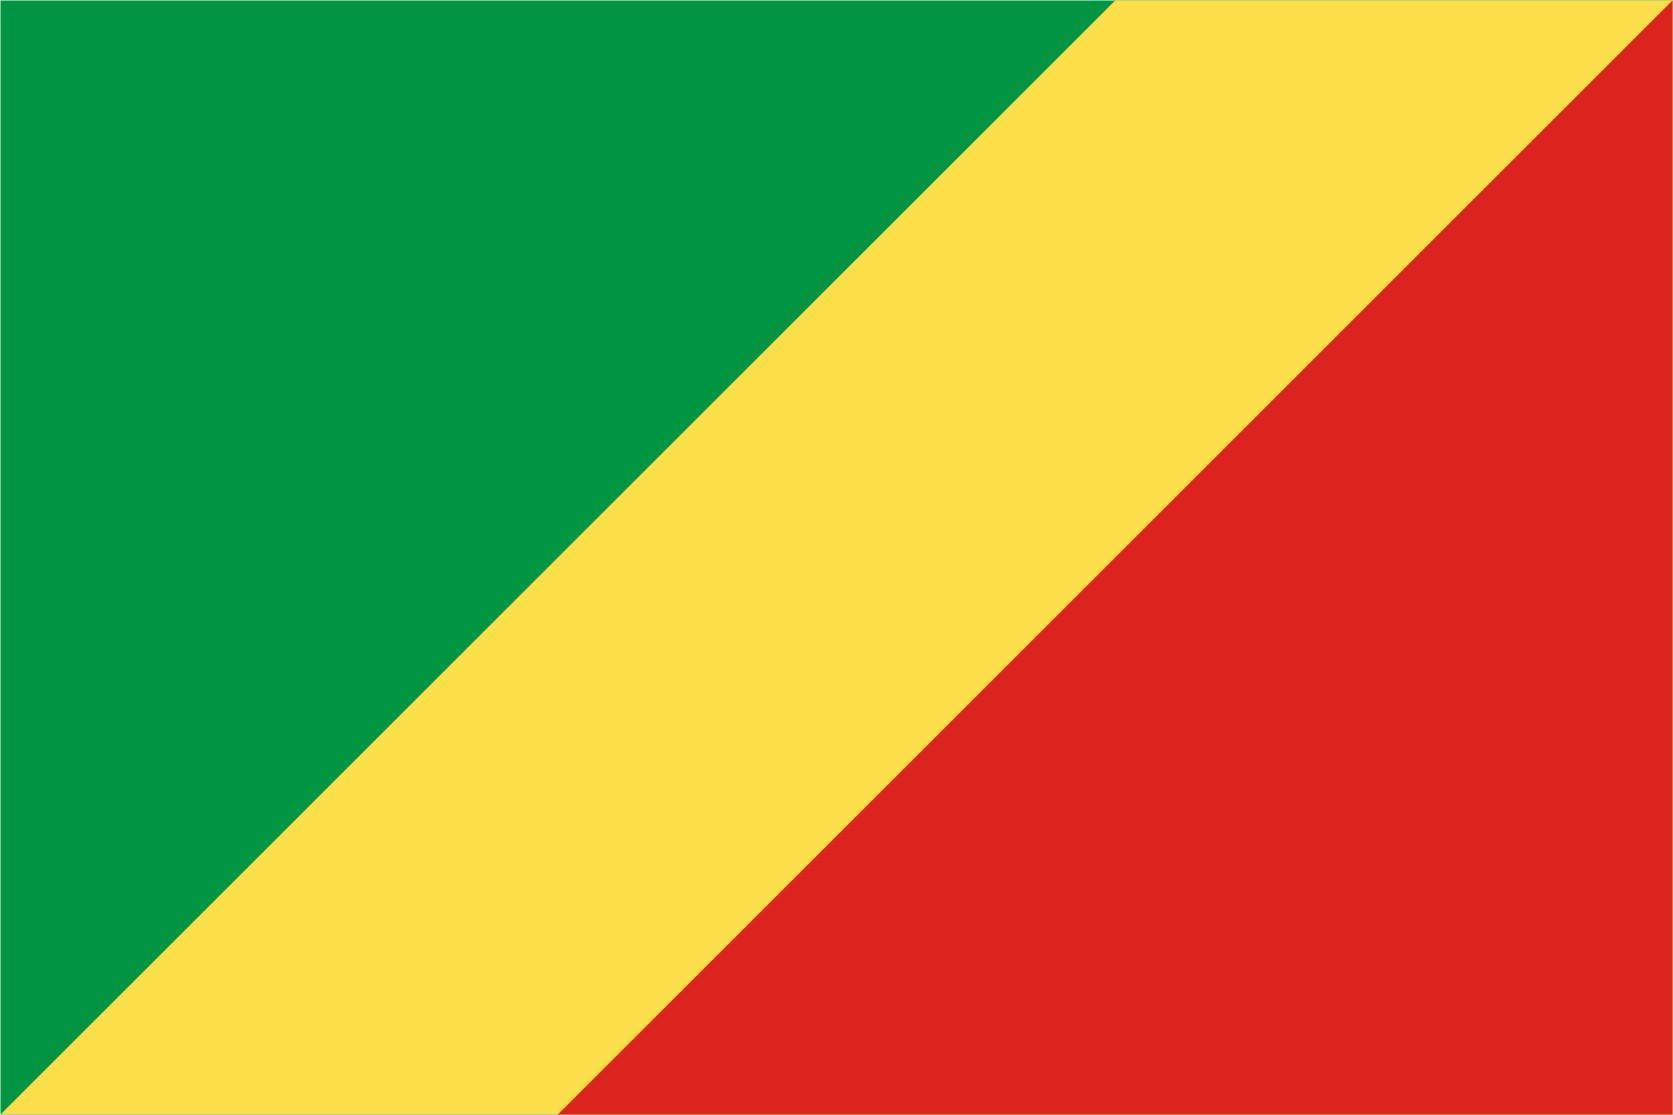 зелено бело красный флаг с гербом